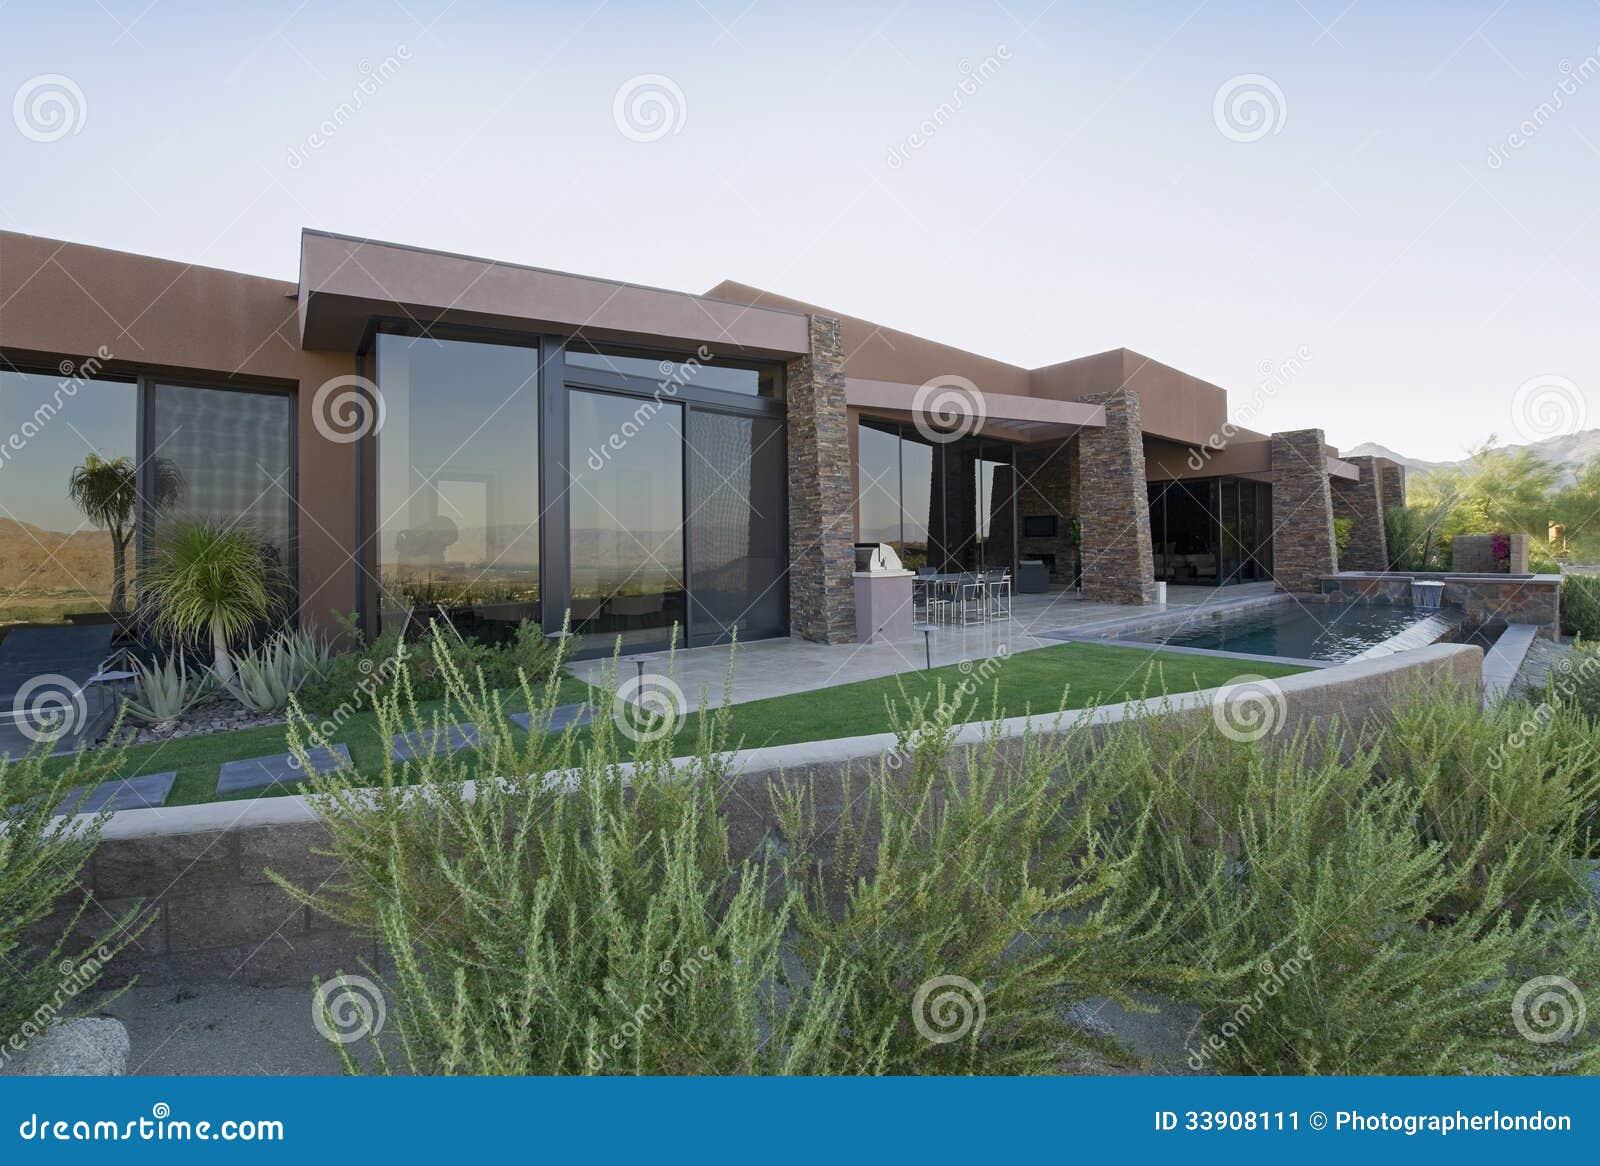 Modernes Haus-Äußeres stockbild. Bild von eigenschaft - 33908111